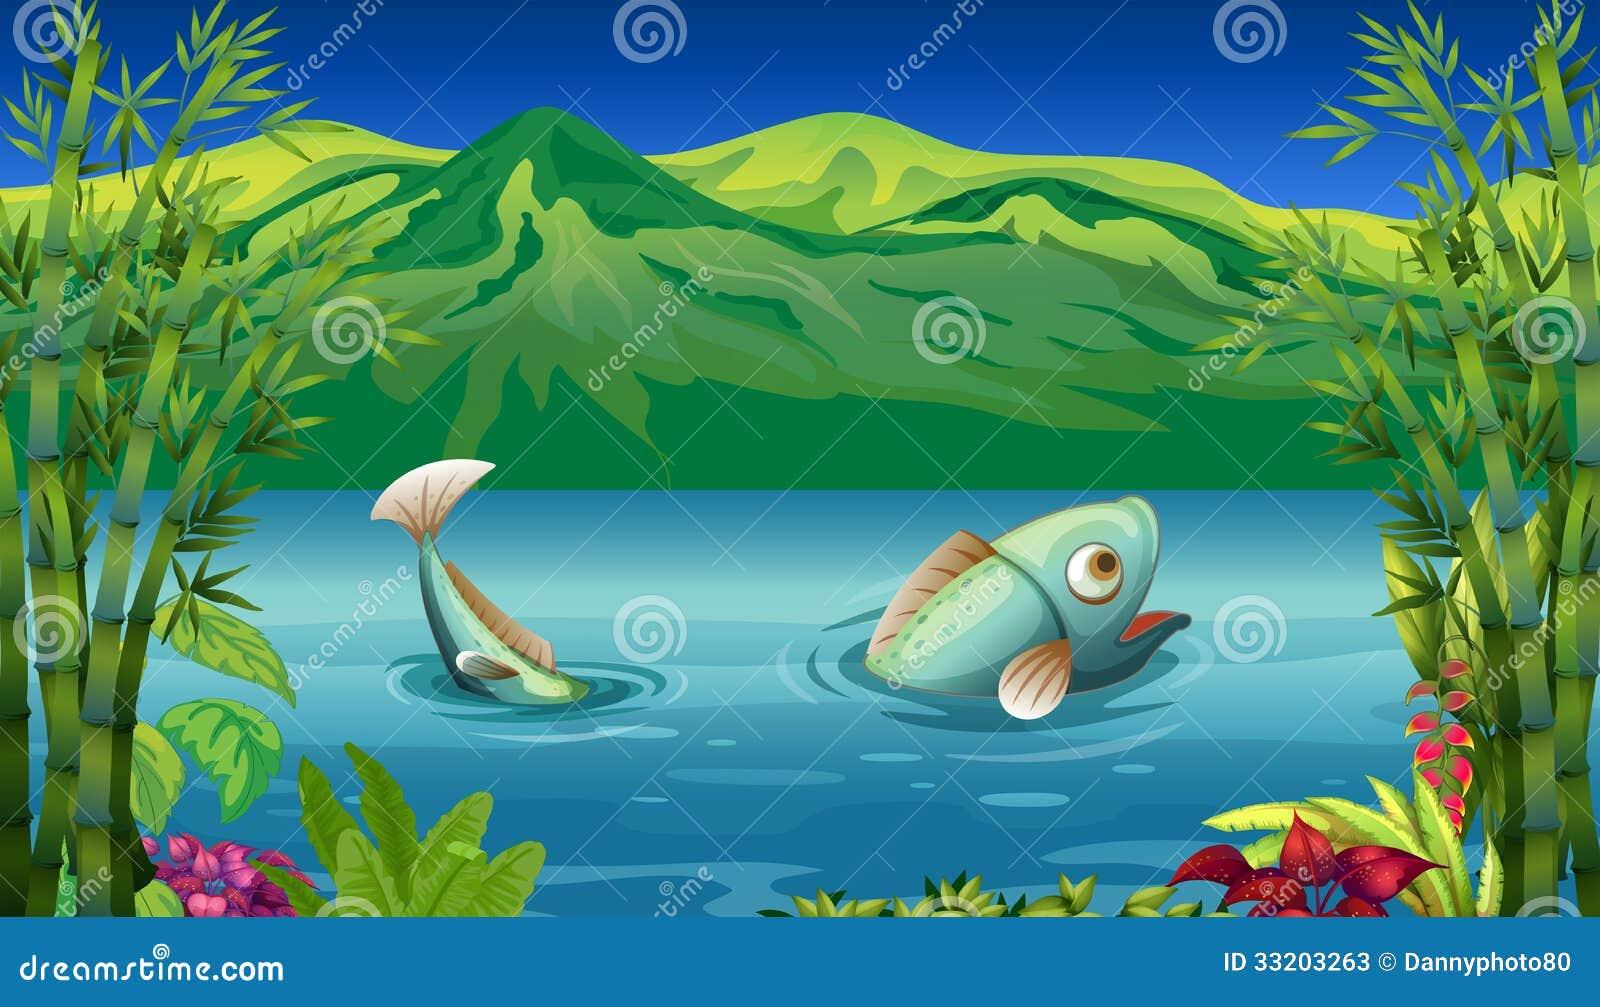 A big fish at the lake stock photos image 33203263 for Big fish lake